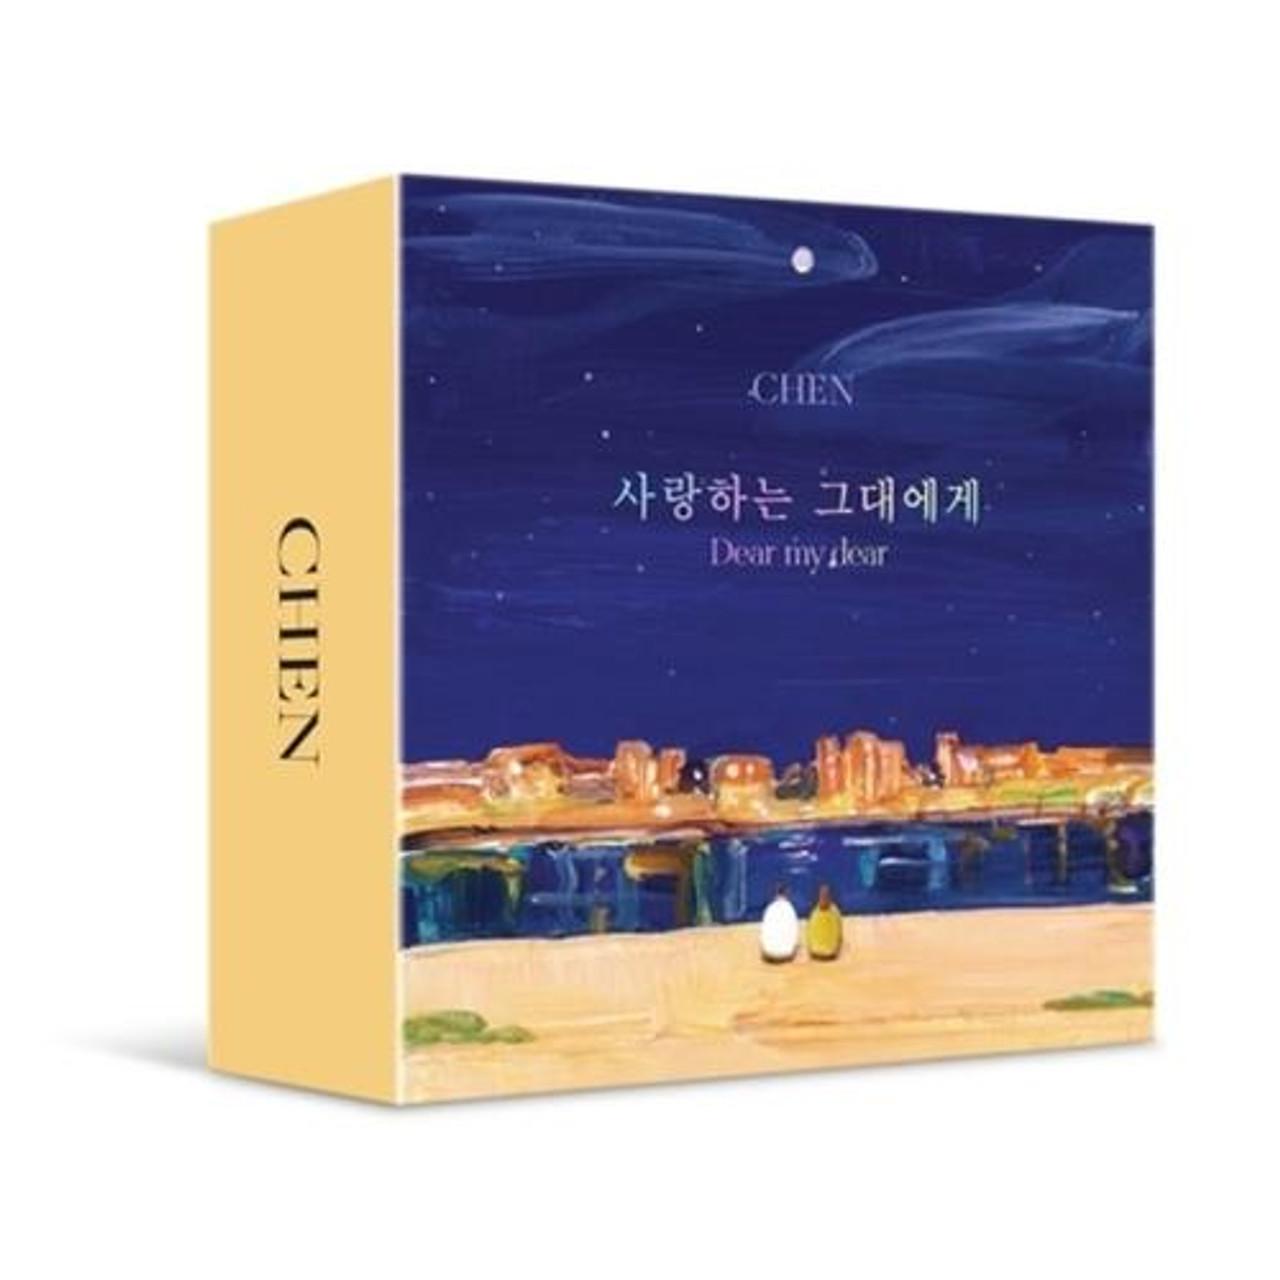 EXO CHEN - 2nd Mini [Dear my dear] KIT album